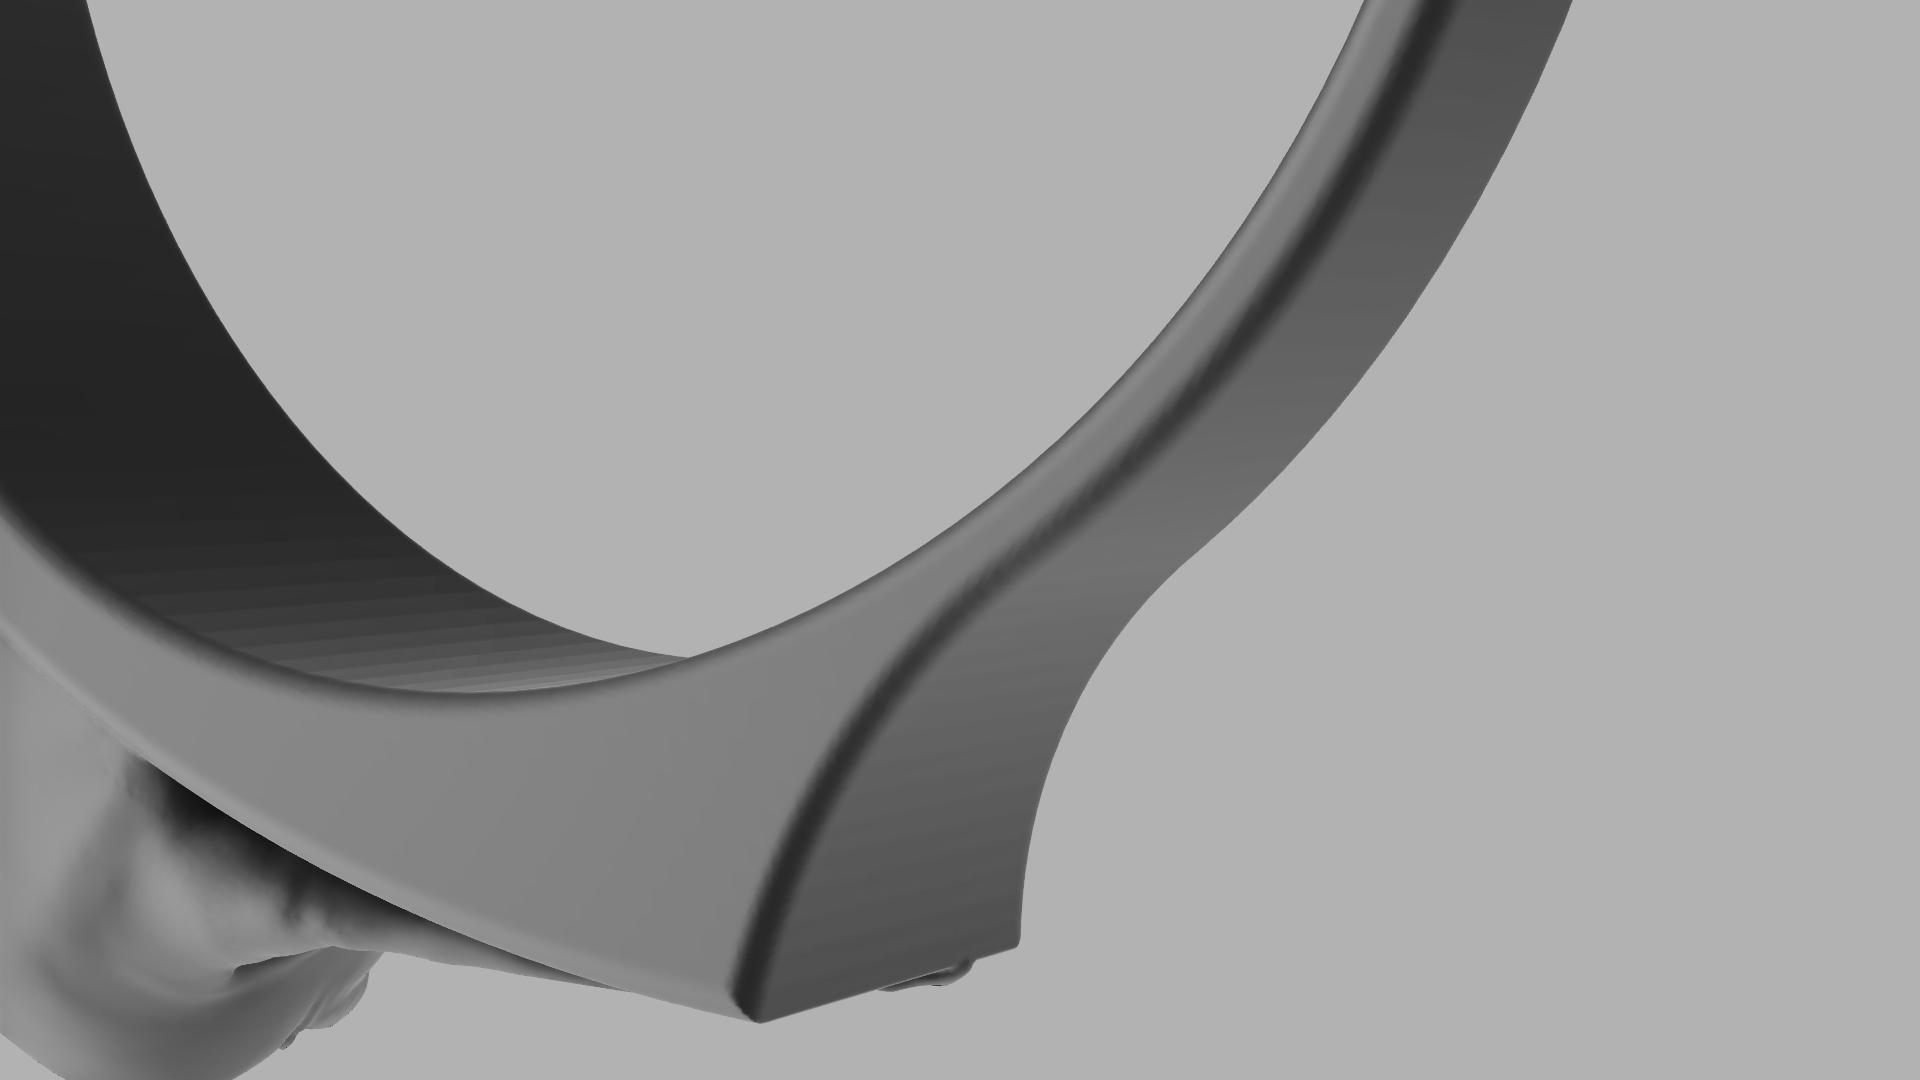 Baby_Yoda_Ring_17mm_Cut(FINAL)10.png Télécharger fichier STL gratuit Bébé Yoda Ring • Plan pour imprimante 3D, quaddalone